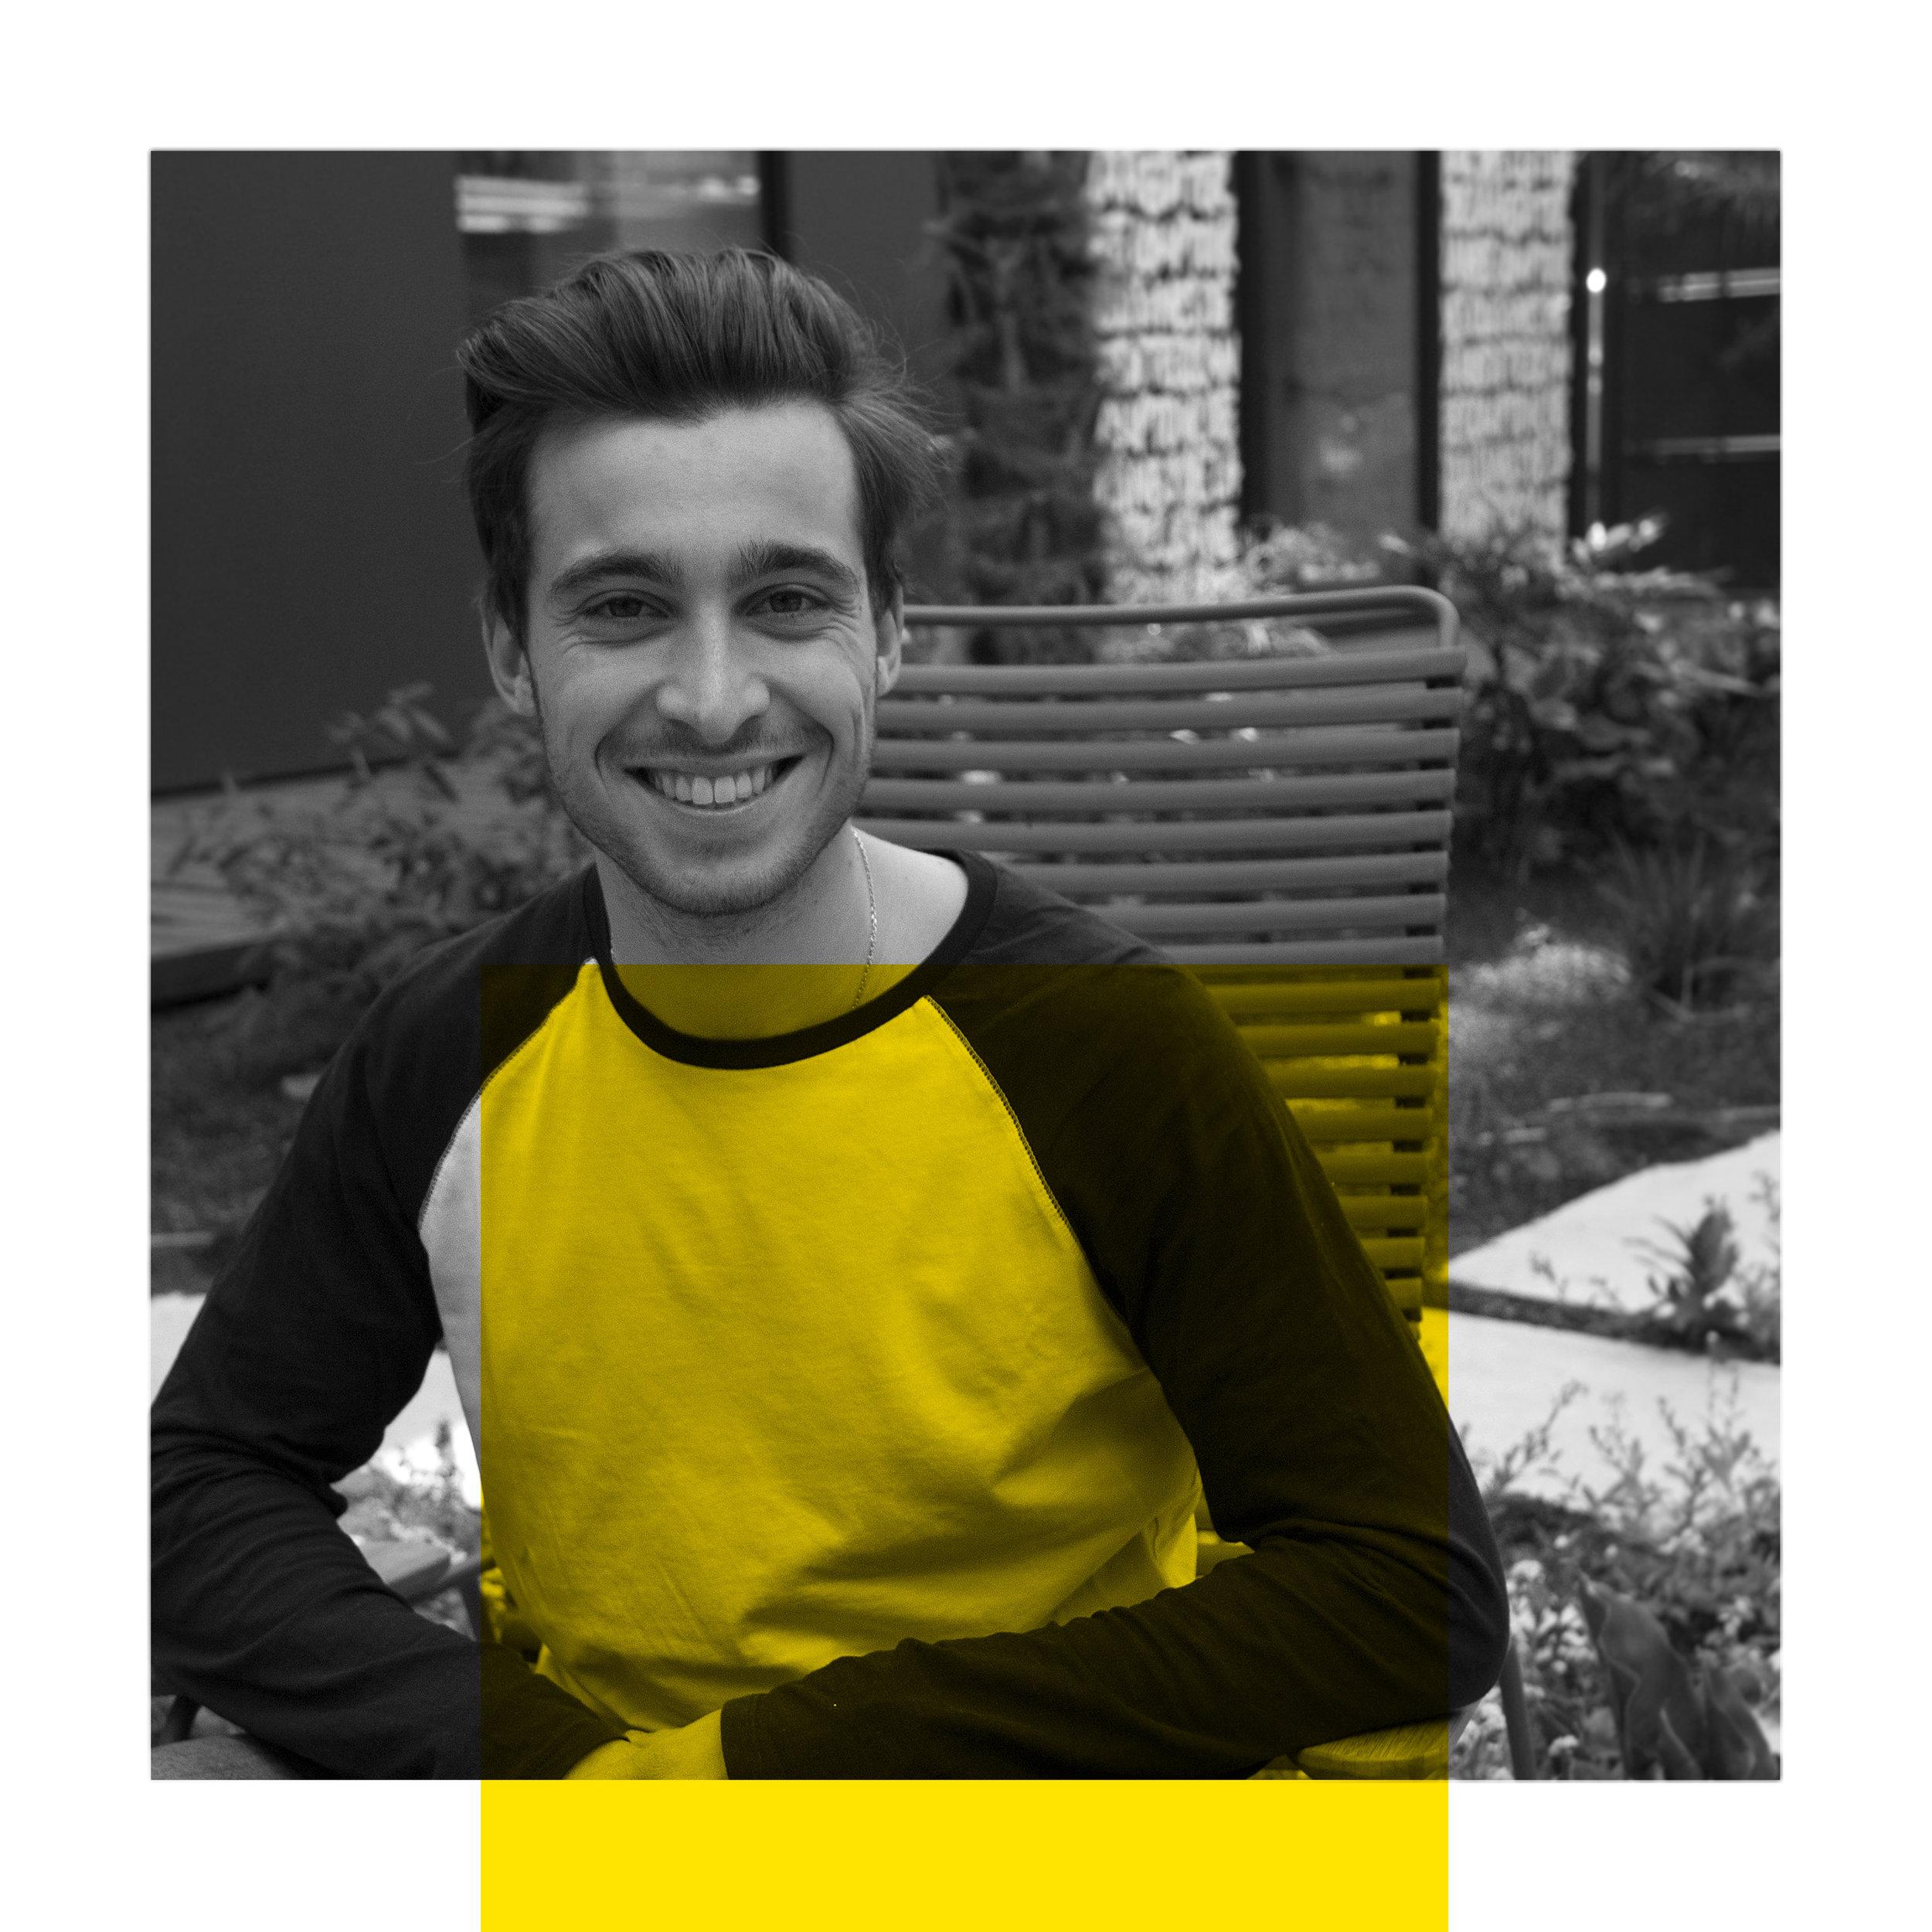 Sebastien Baert - Le rigolo  Sébastien est le benjamin du groupe : après deux ans de licence de design à l'ENSAAMA – Olivier de Serres, il profite de son année de césure pour aborder le design d'innovation sociale de proximité à Design Act ! Retrouvez-le l'année prochaine, de retour sur les bancs à Strate, en design d'espaces.